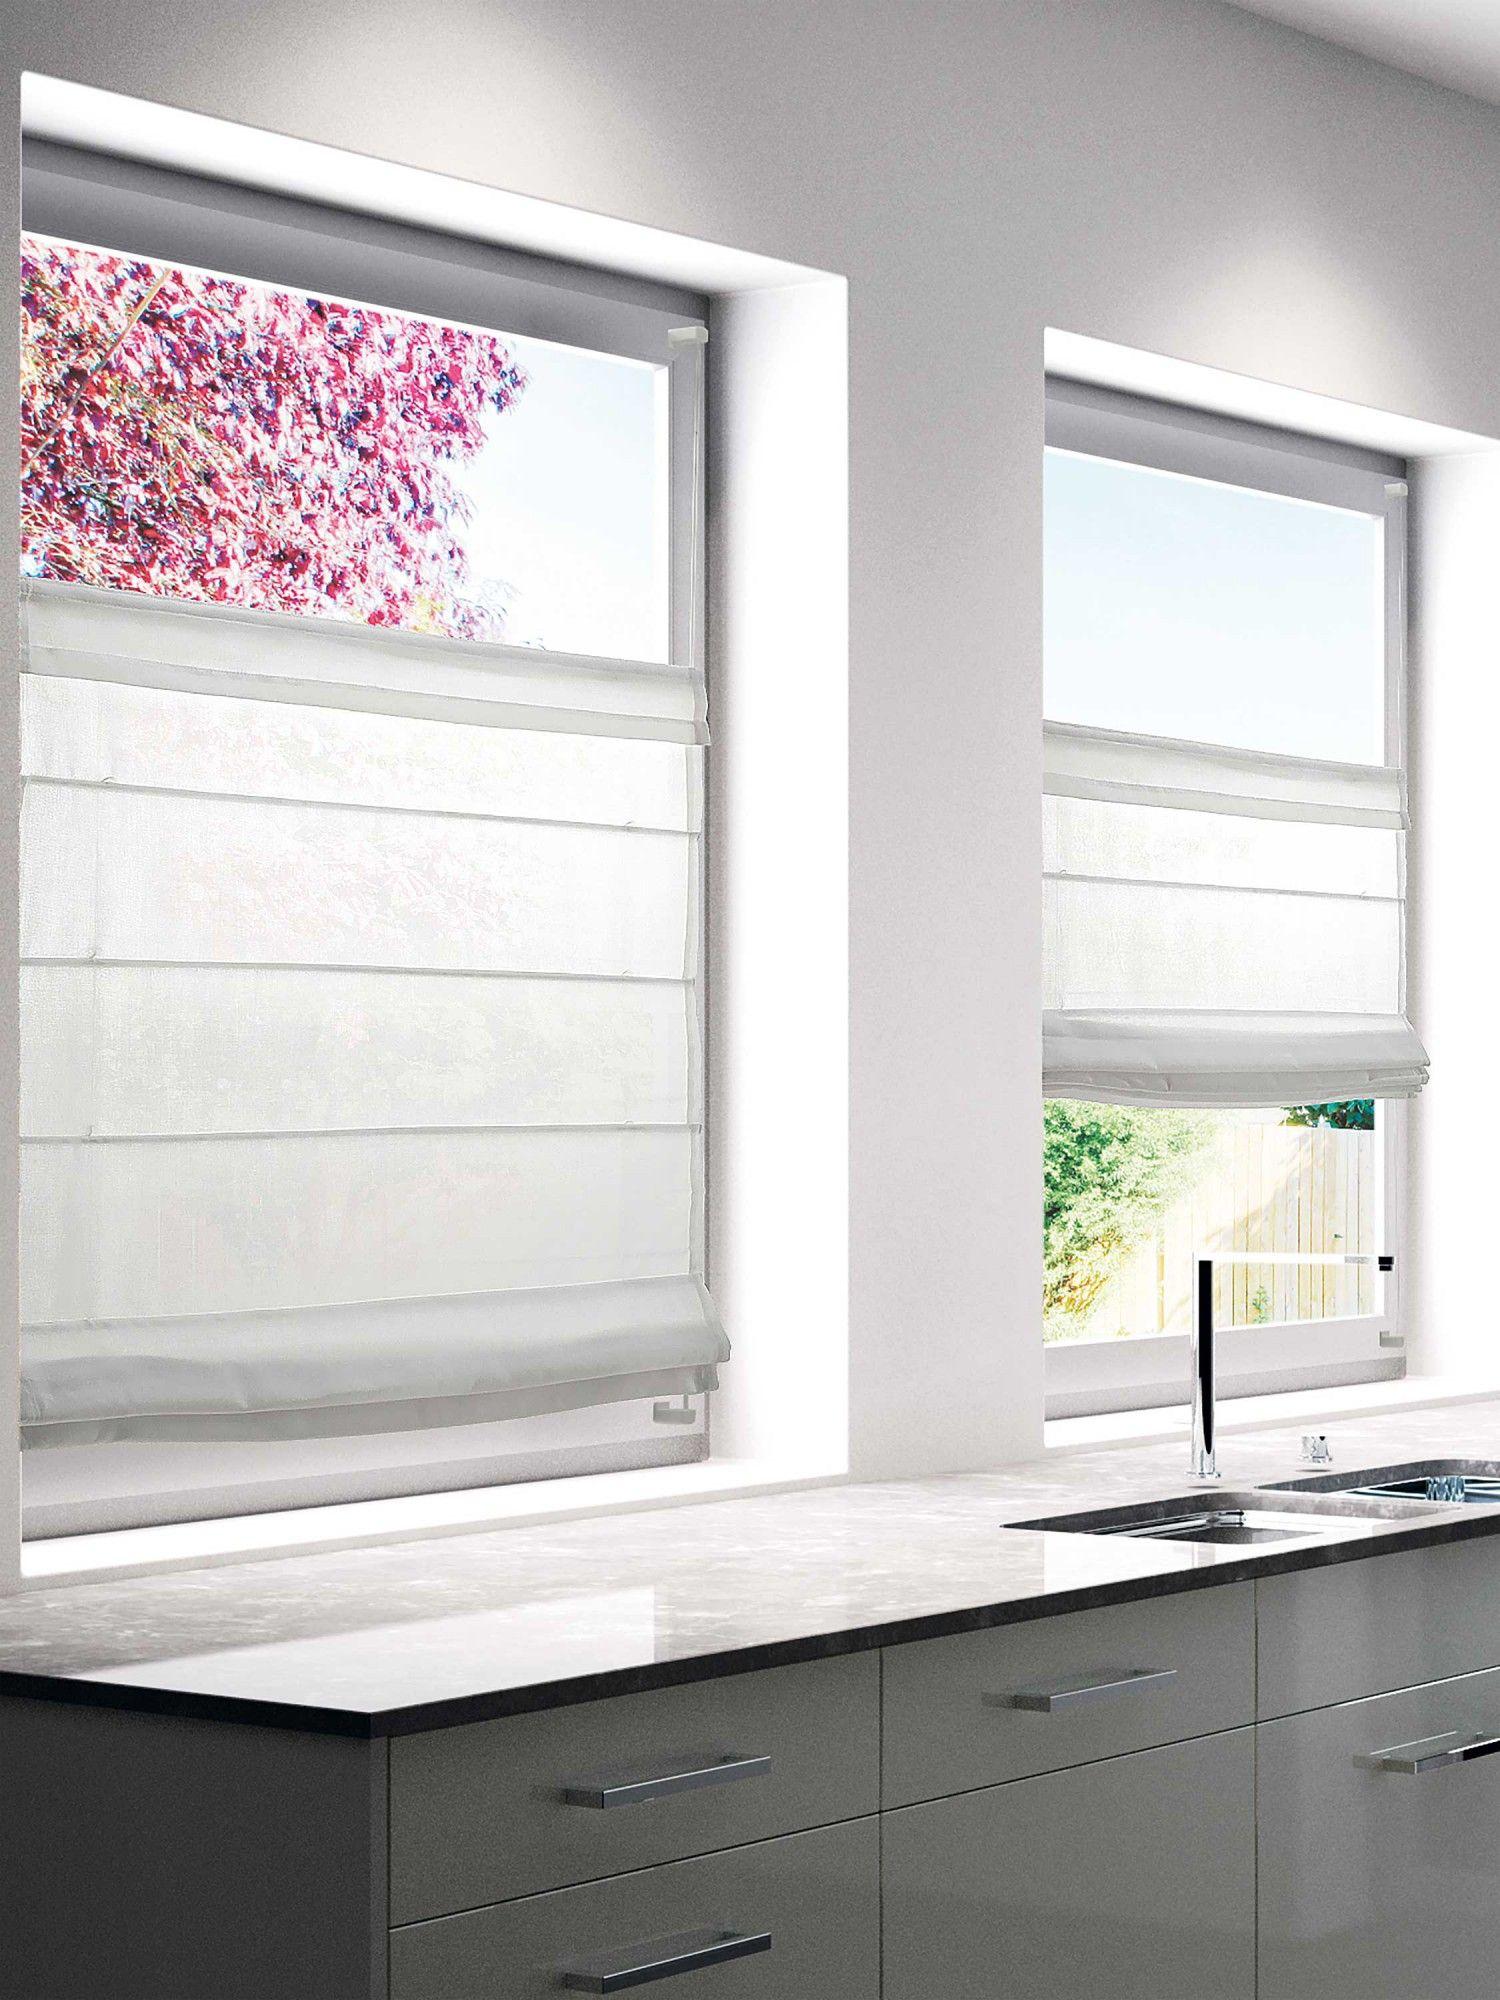 Full Size of Raffrollo Küchenfenster Dezent Wirkt Das Faltrollo Mood Von Buchheister In Der Farbe Wei Küche Wohnzimmer Raffrollo Küchenfenster